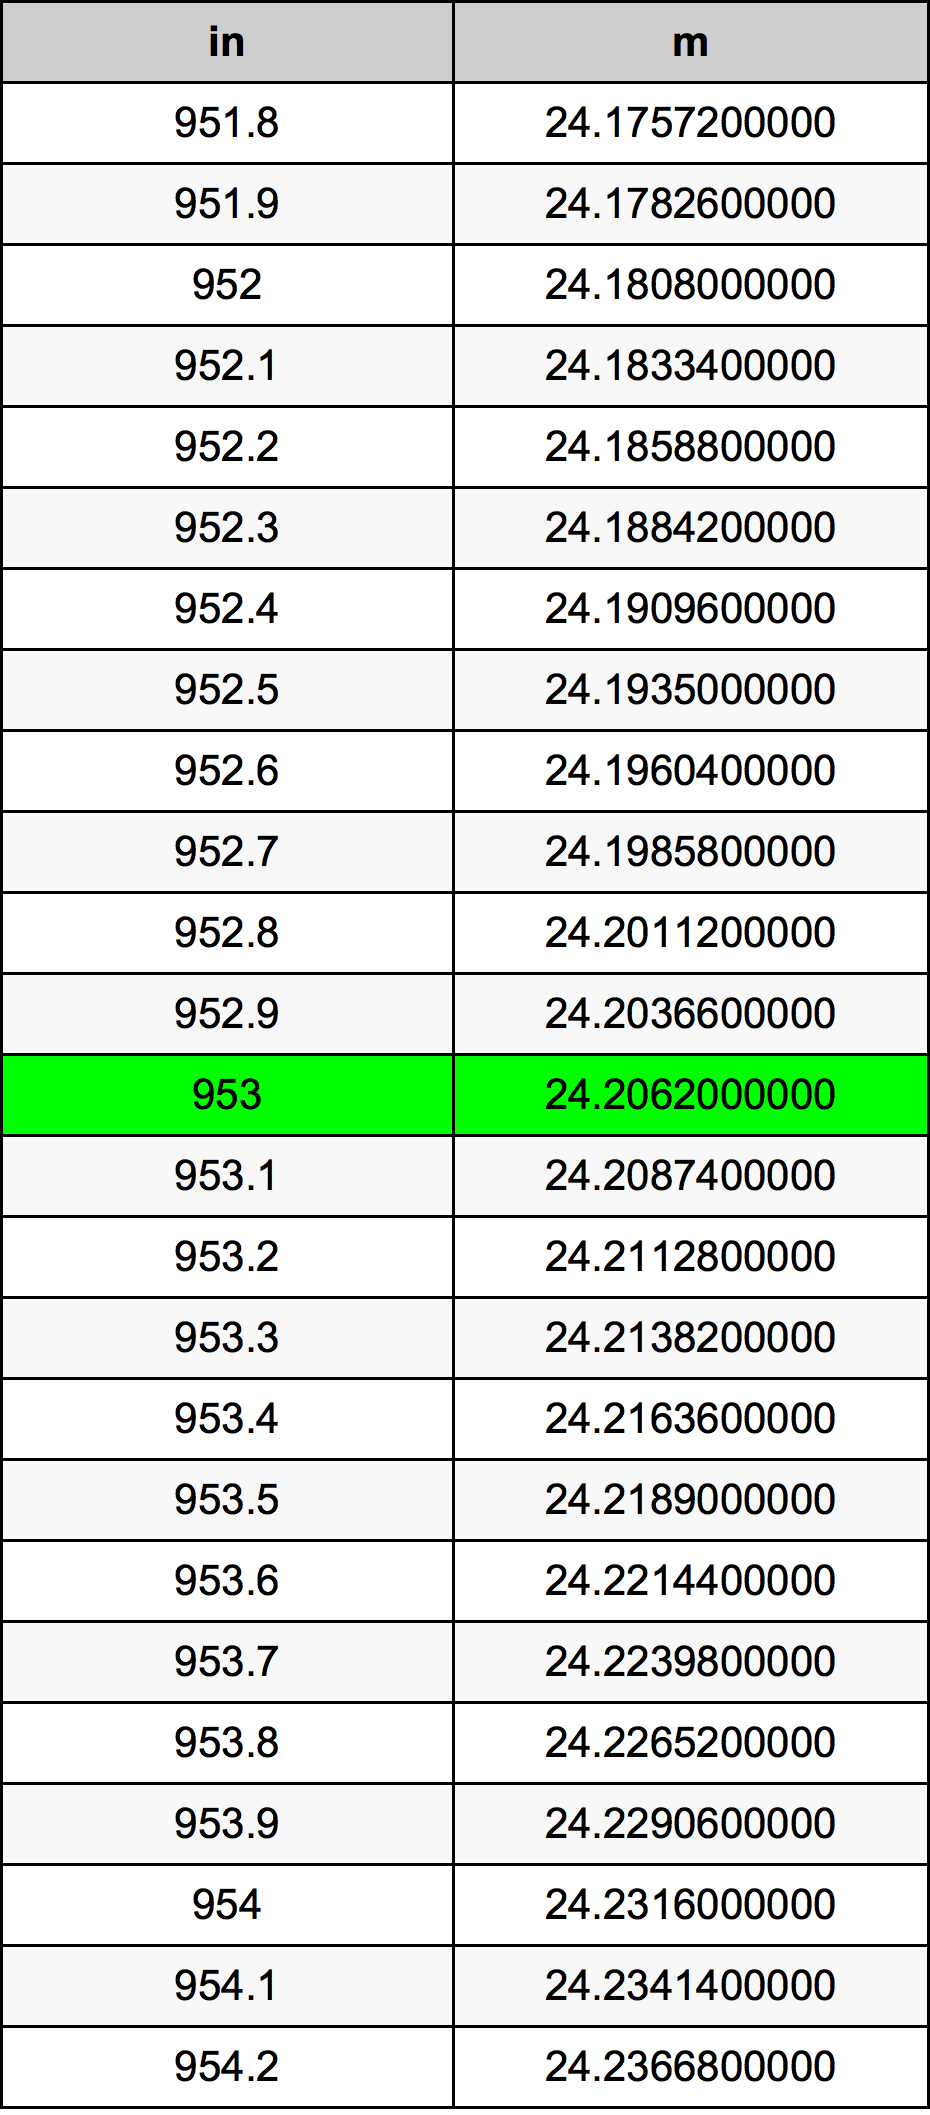 953 인치 변환 표